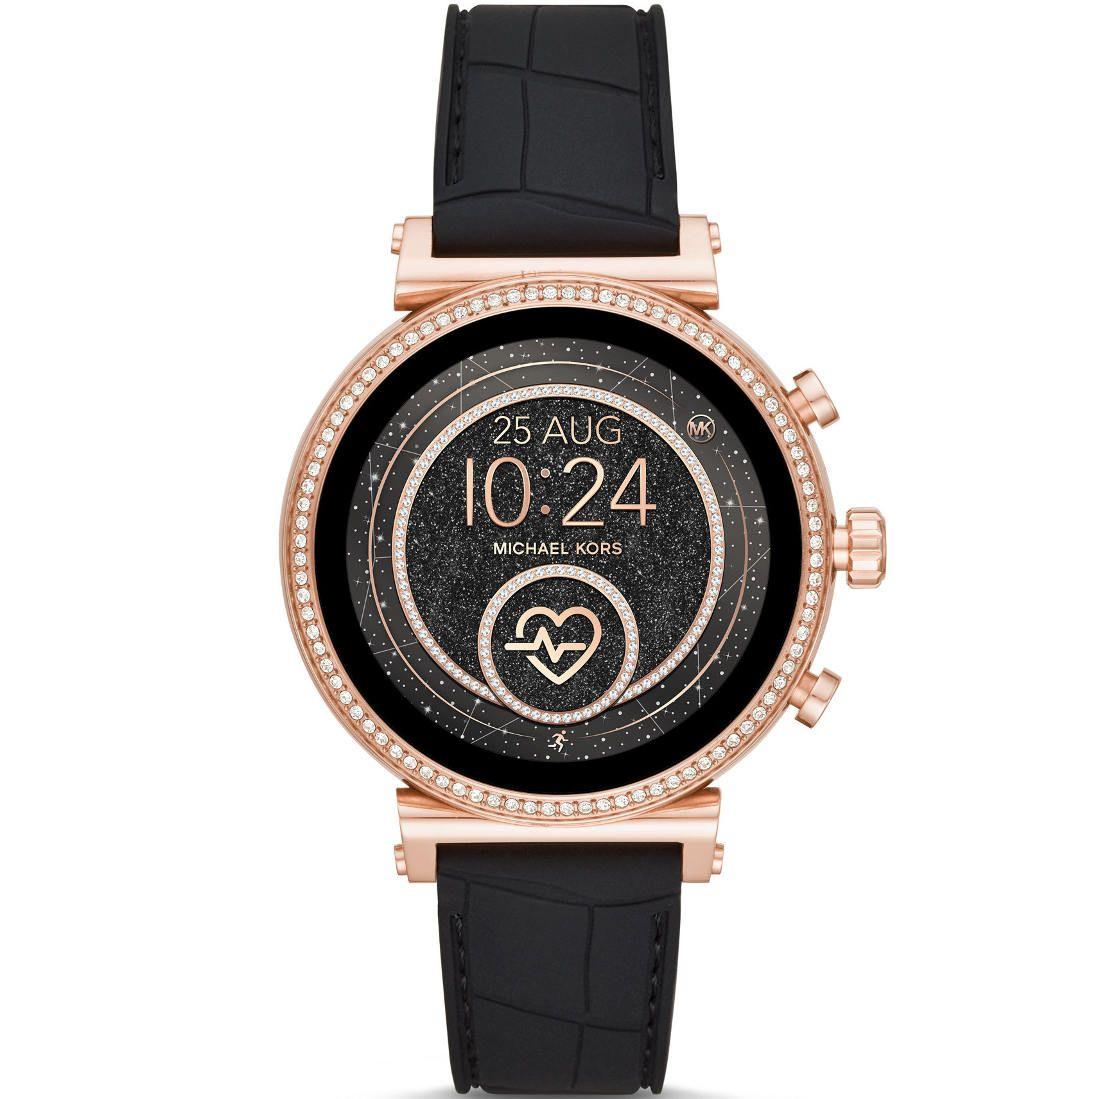 Smartwatch Michael Kors MKT5069 Sofie 2.0 Zegarek MK